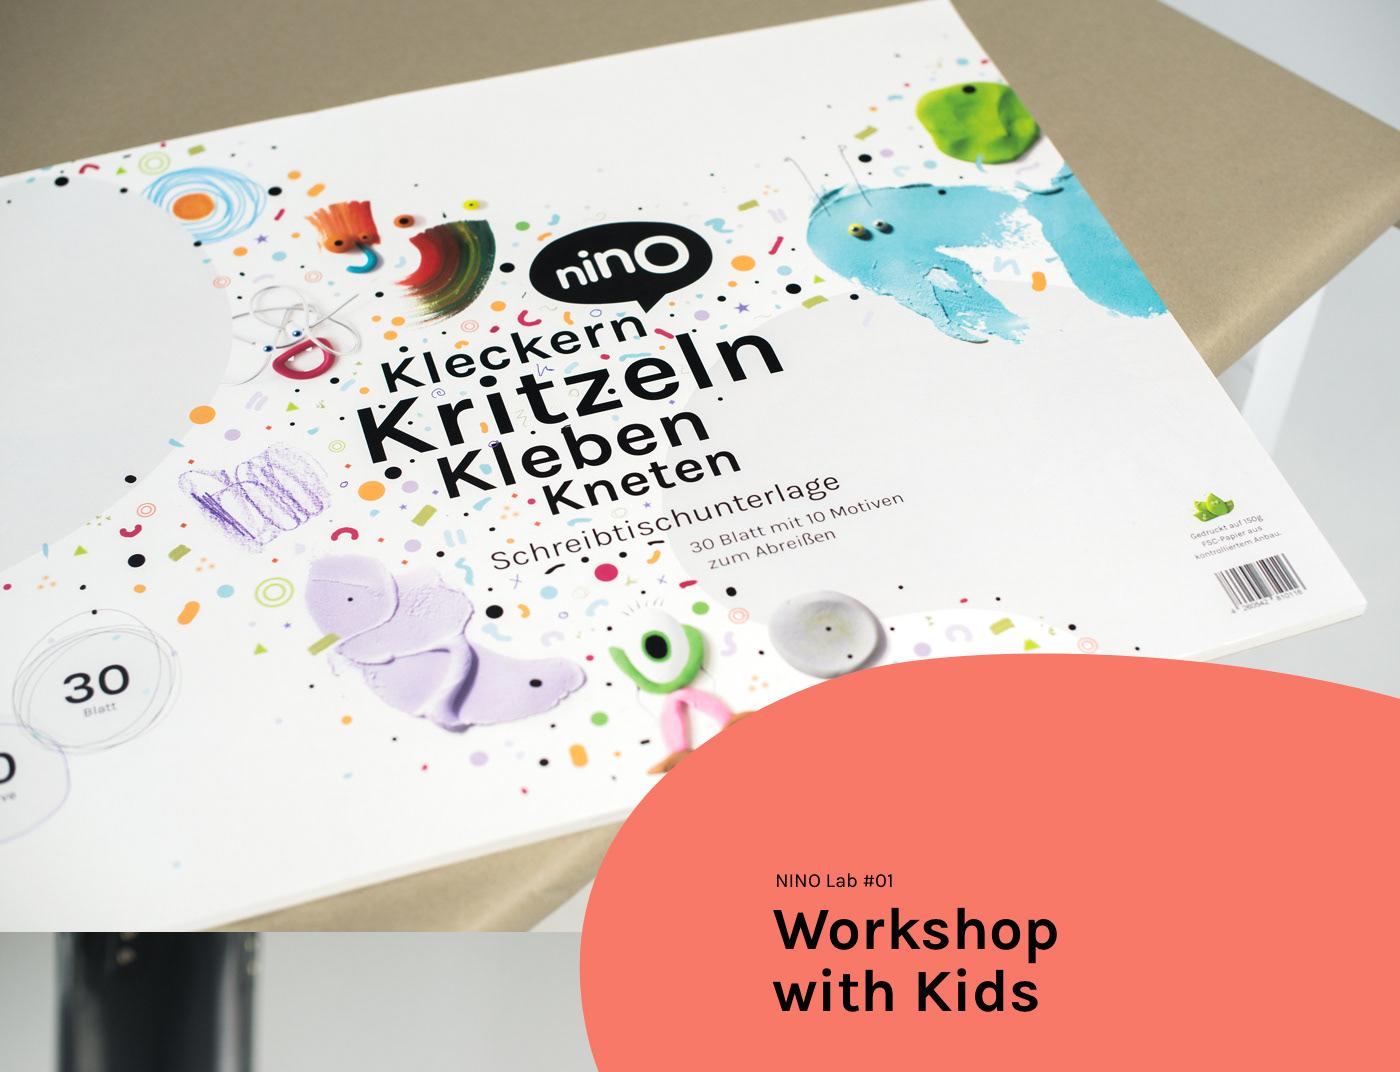 Desk Pad schreibtischunterlage product design  print mixed media crafting Creativity kids Brand Design kids brand